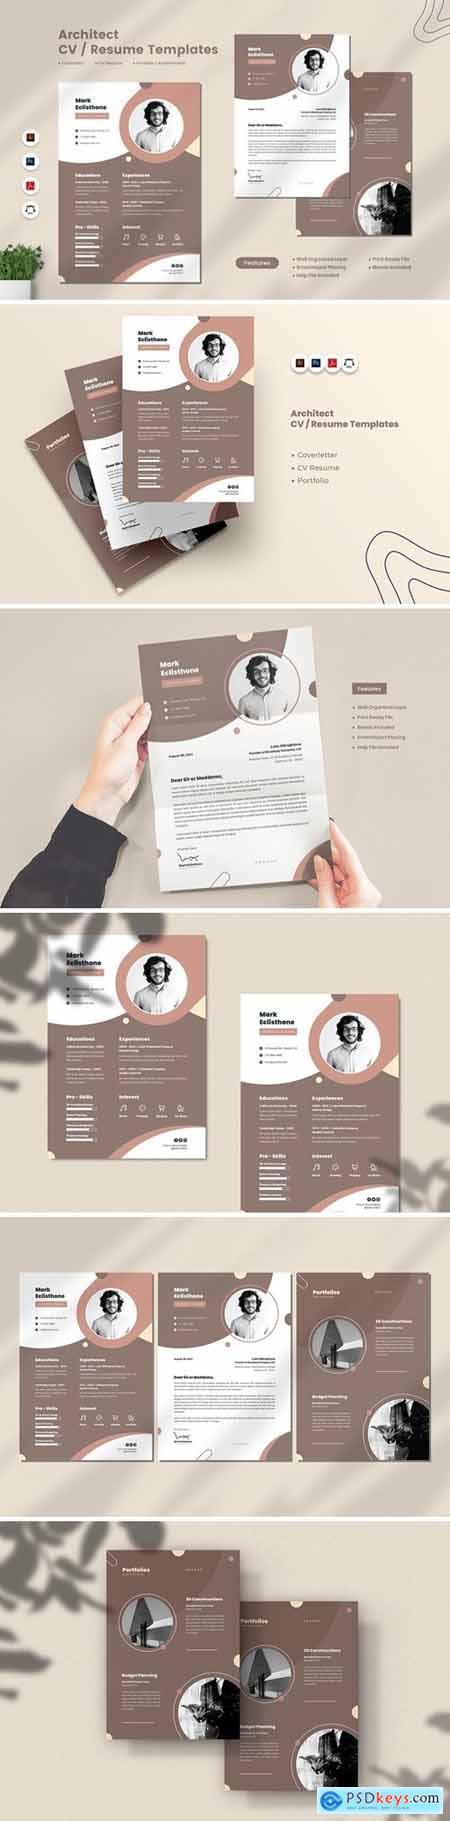 Architect CV Resume